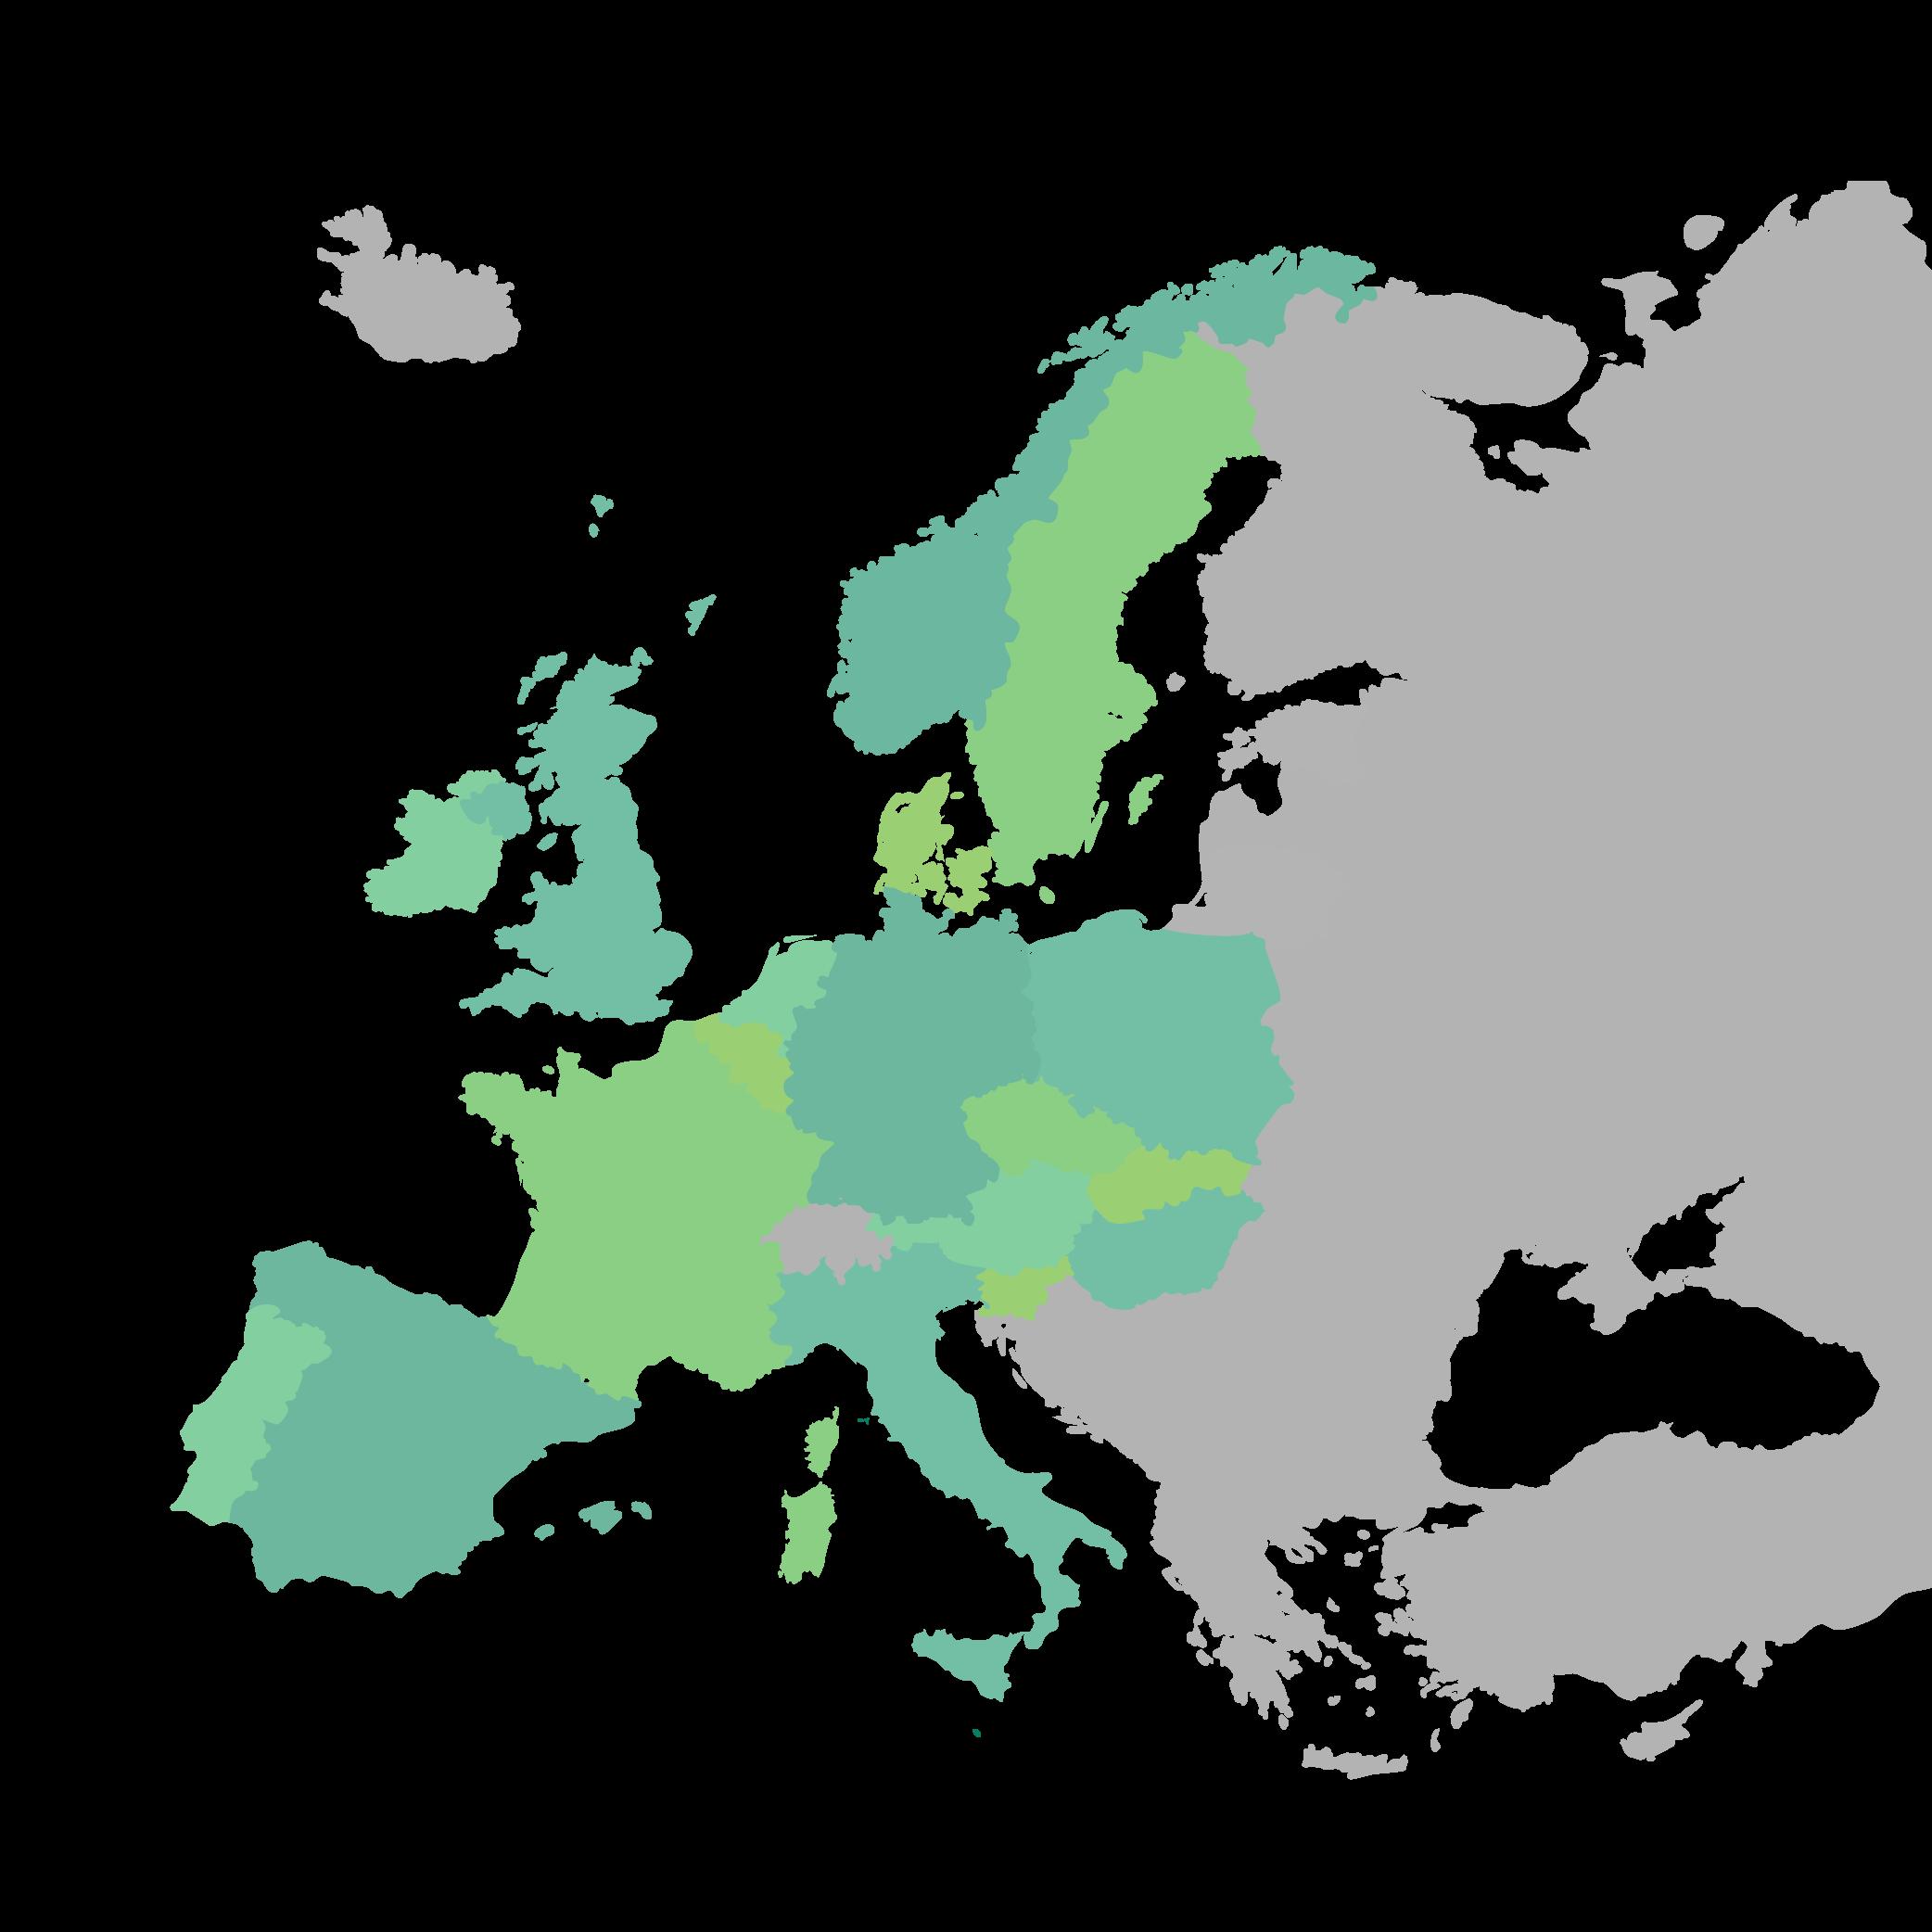 mapa-presencia-europa